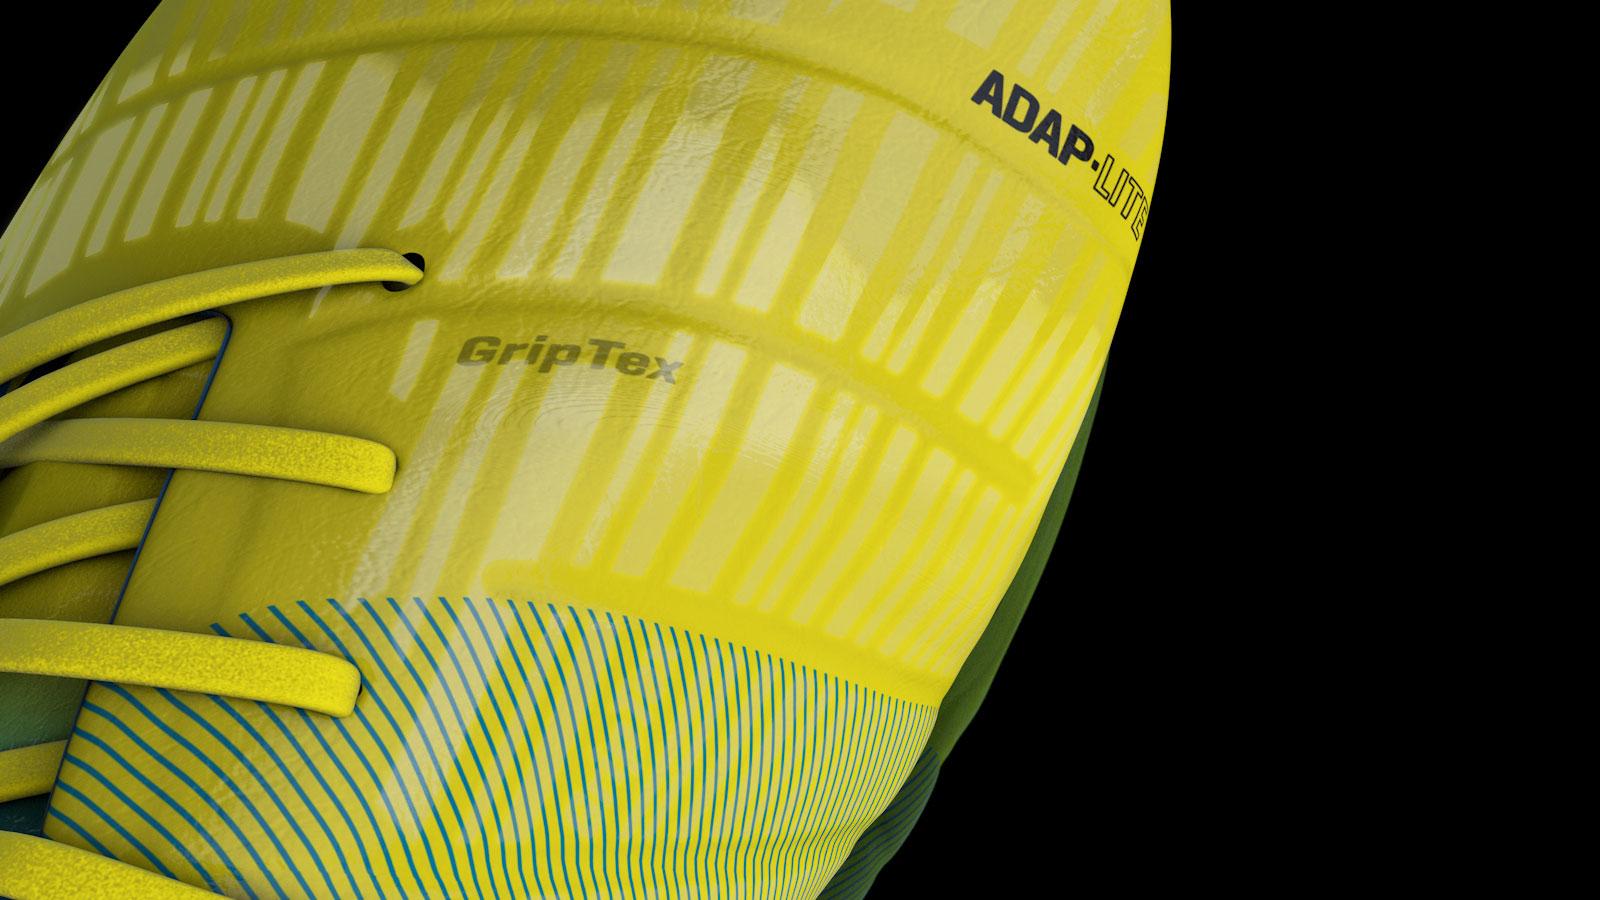 Puma evoPower 1.3 FG Schuhe mit Griptex